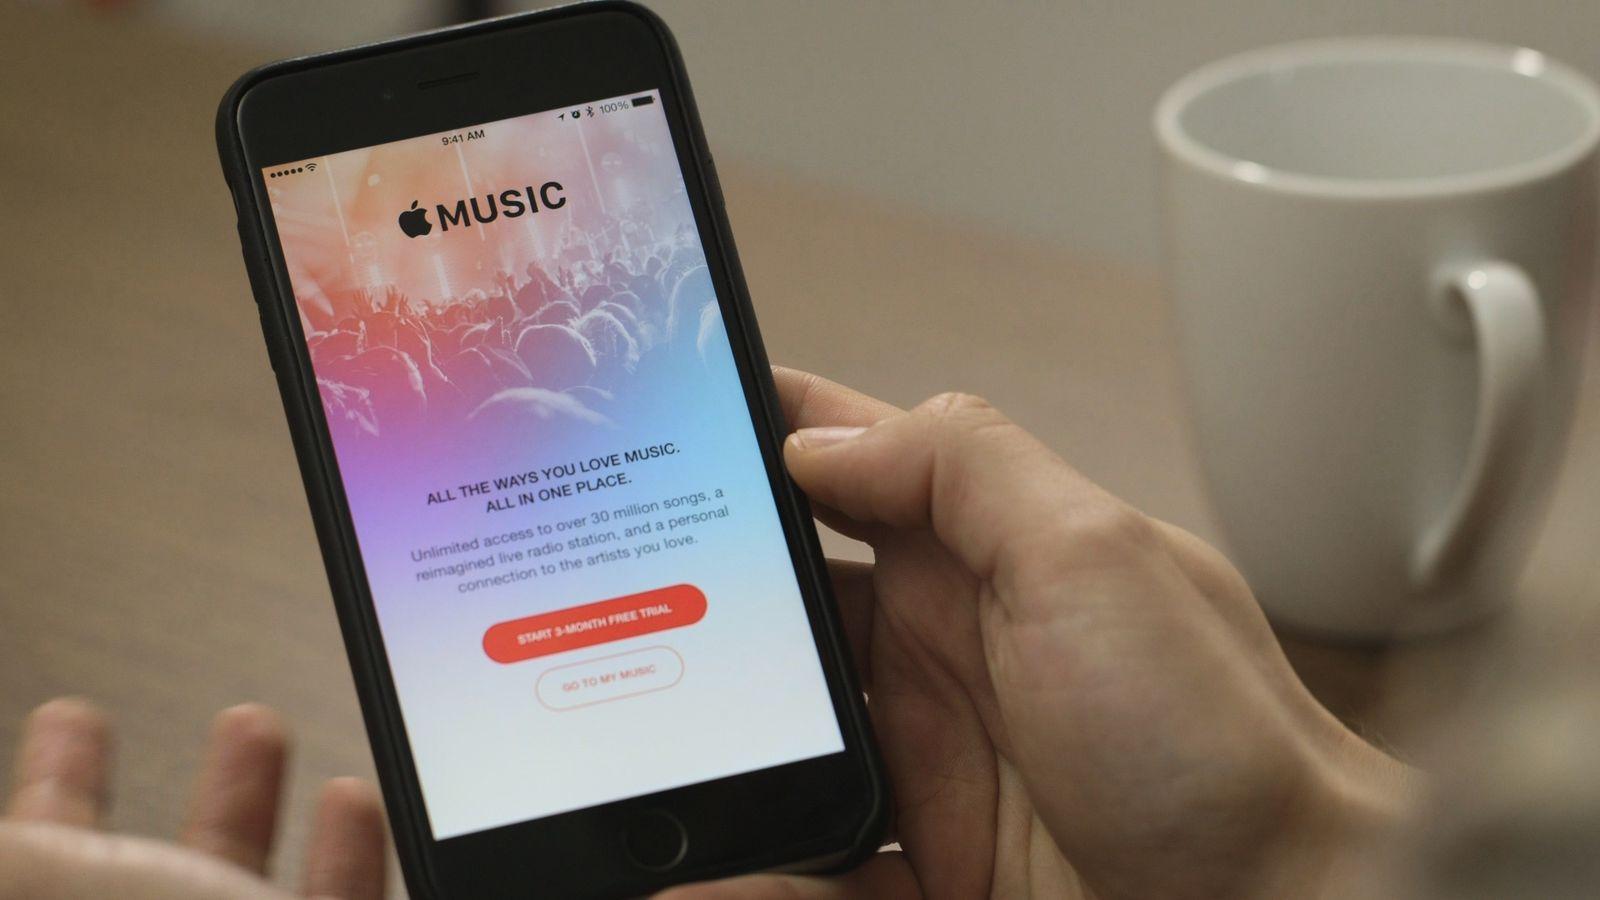 ОПРОС: Будете ли вы покупать подписку на Apple Music?